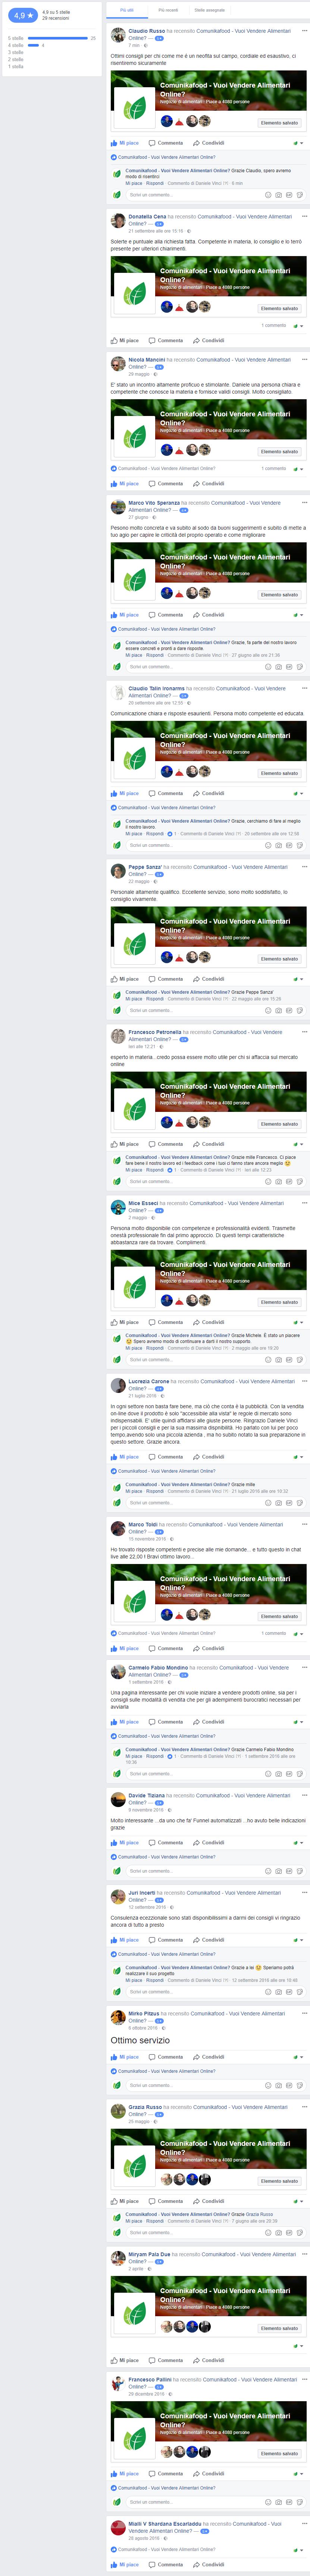 Comunikafood recensioni consulenza e-commerce alimentari comunikafood